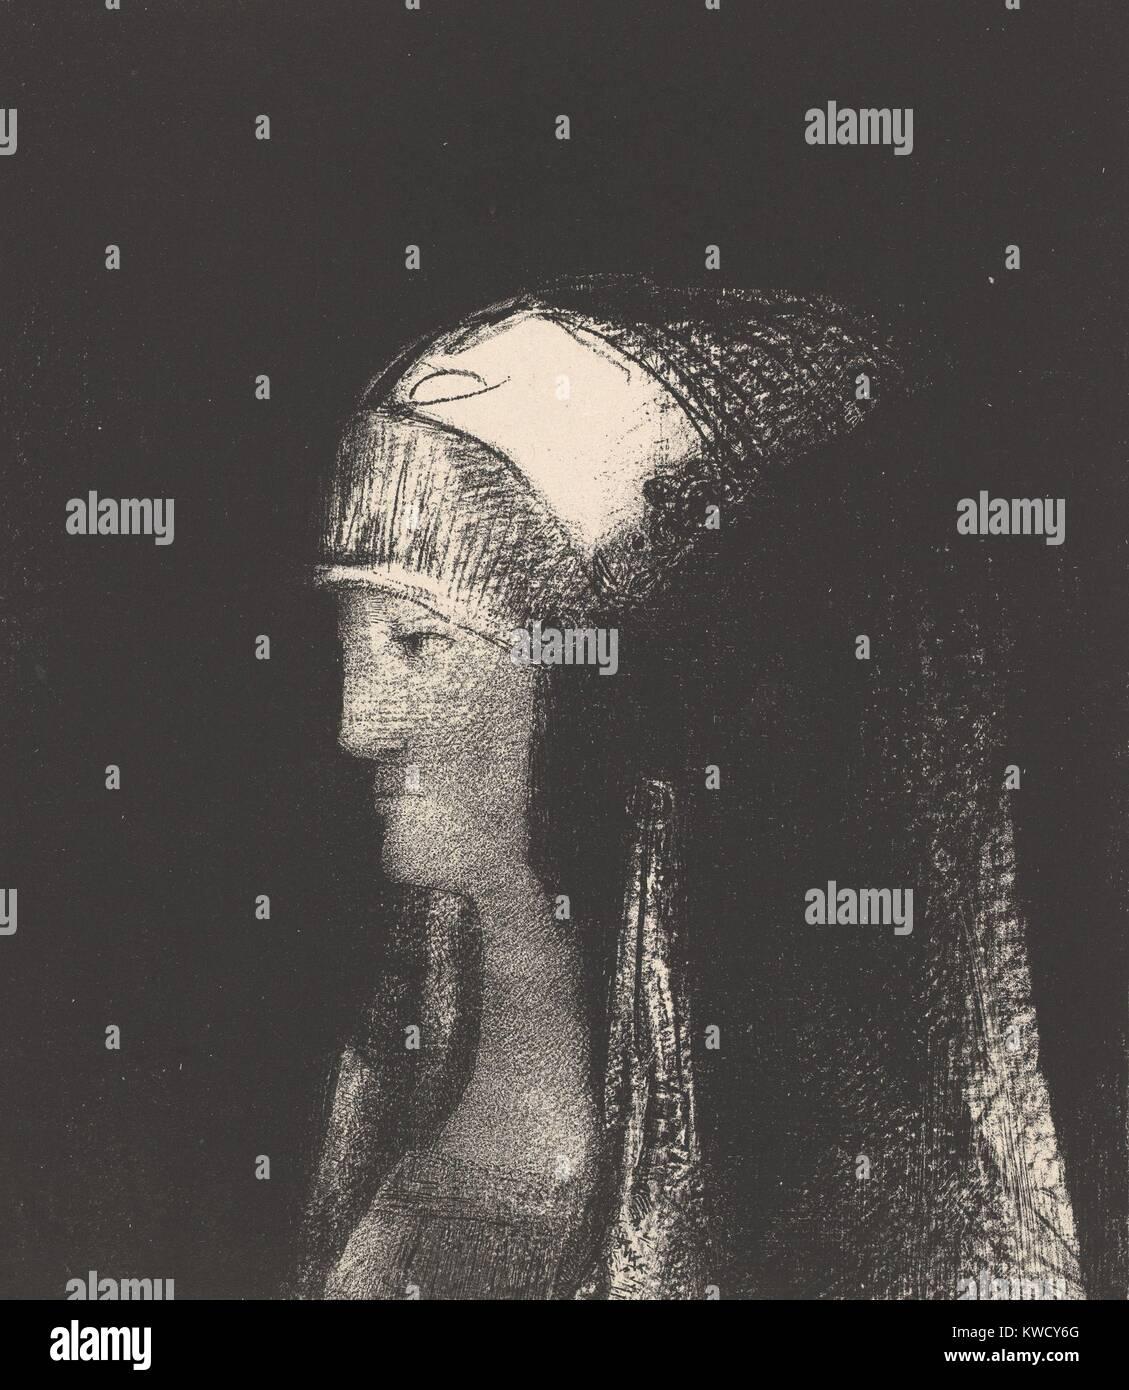 Druidesse, Odilon Redon, 1891, Francés simbolista, litografía de impresión. Sacerdotisa celta con Imagen De Stock